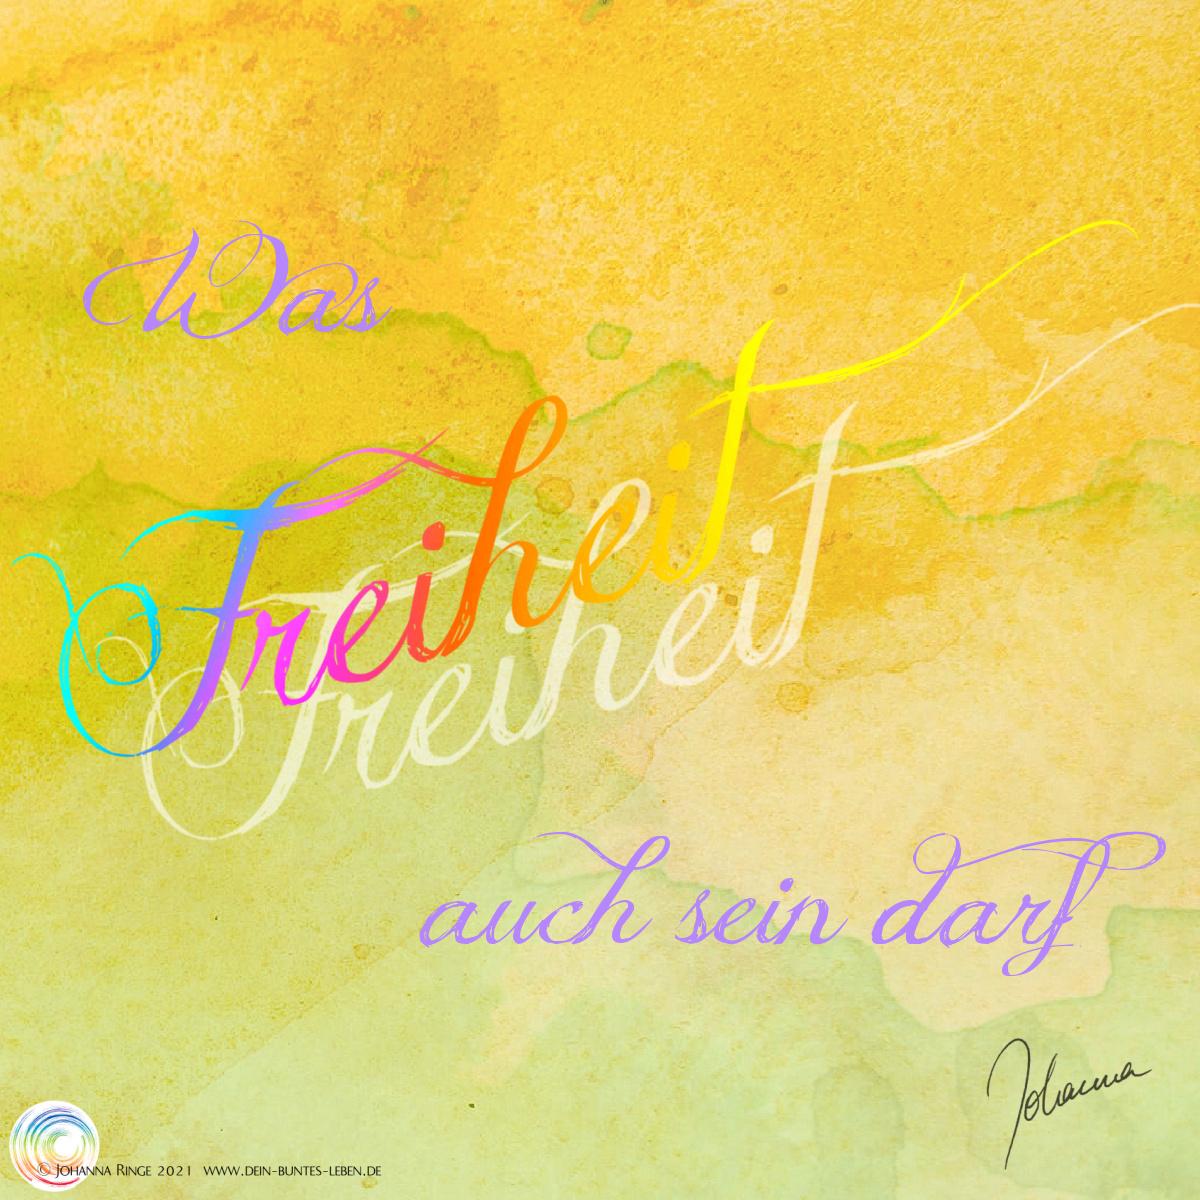 Was innere Freiheit auch sein darf (bunter Text auf Wasserfarbhintergrund) ©Johanna RInge 2021 www.dein-buntes-leben.de